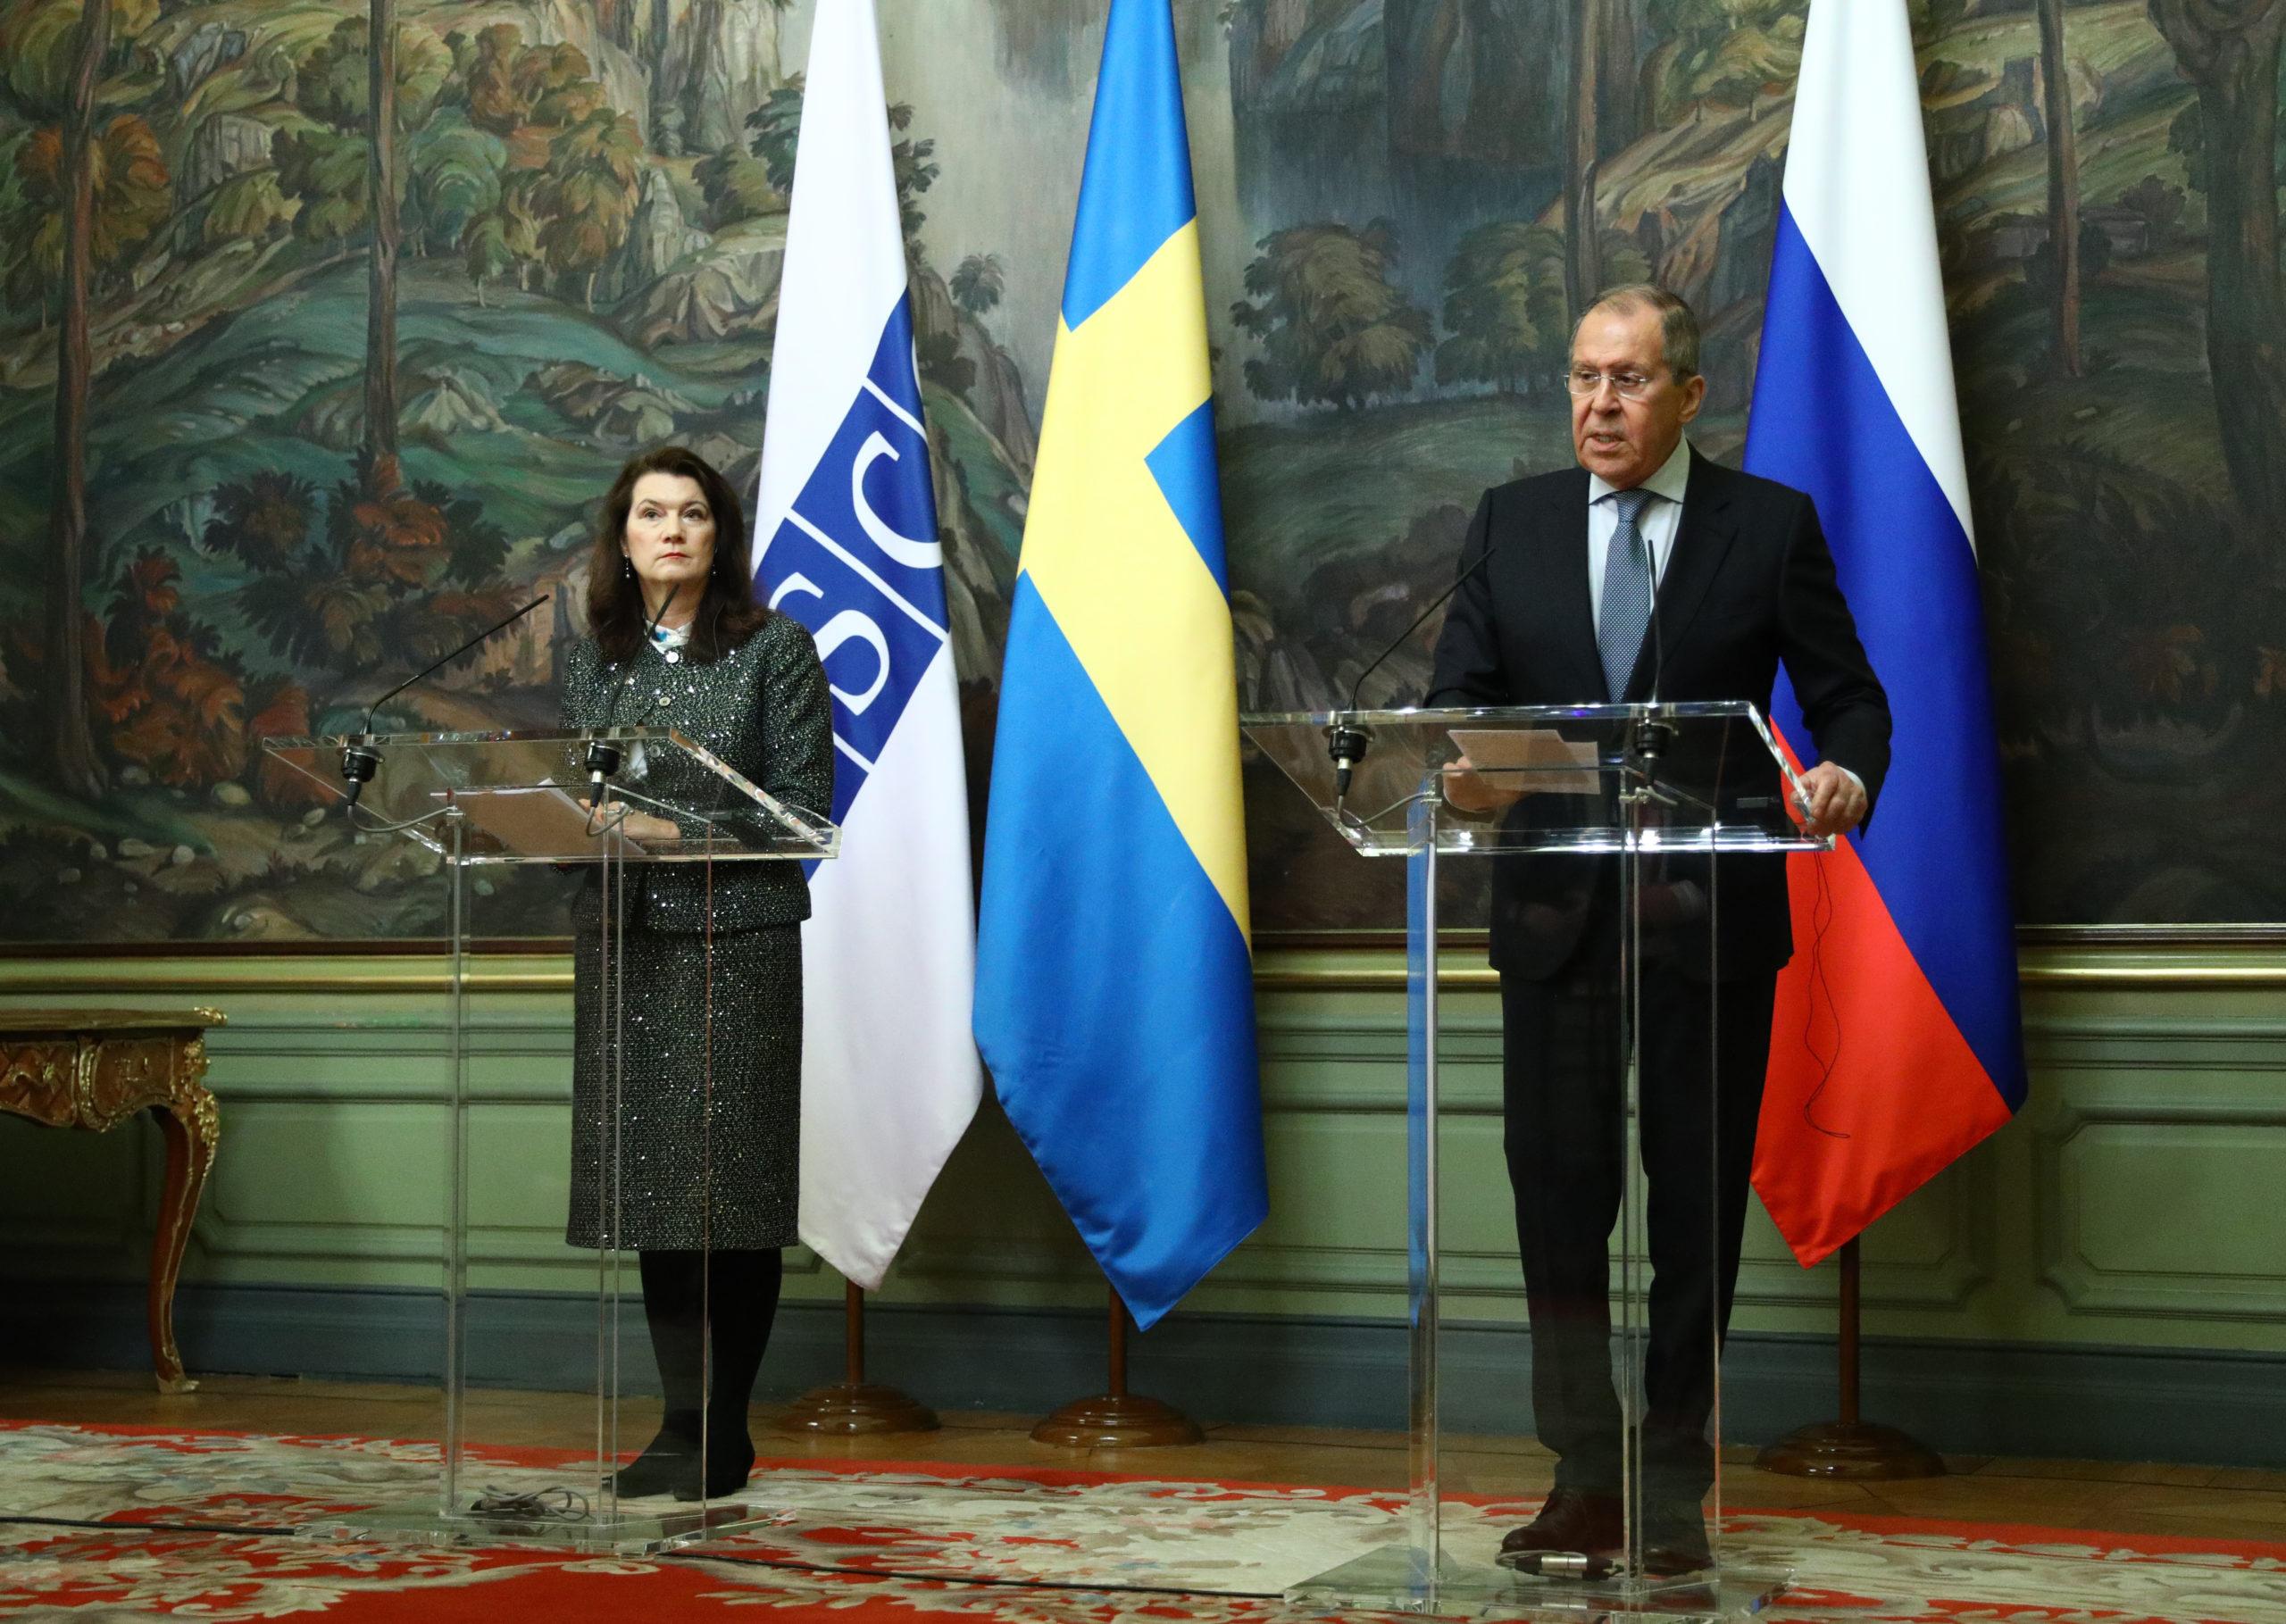 Ruotsin ulkoministeri Ann Linde tapasi Venäjän ulkoministerin Sergei Lavrovin helmikuussa Moskovassa. Kuva: ITAR-TASS/All Over Press